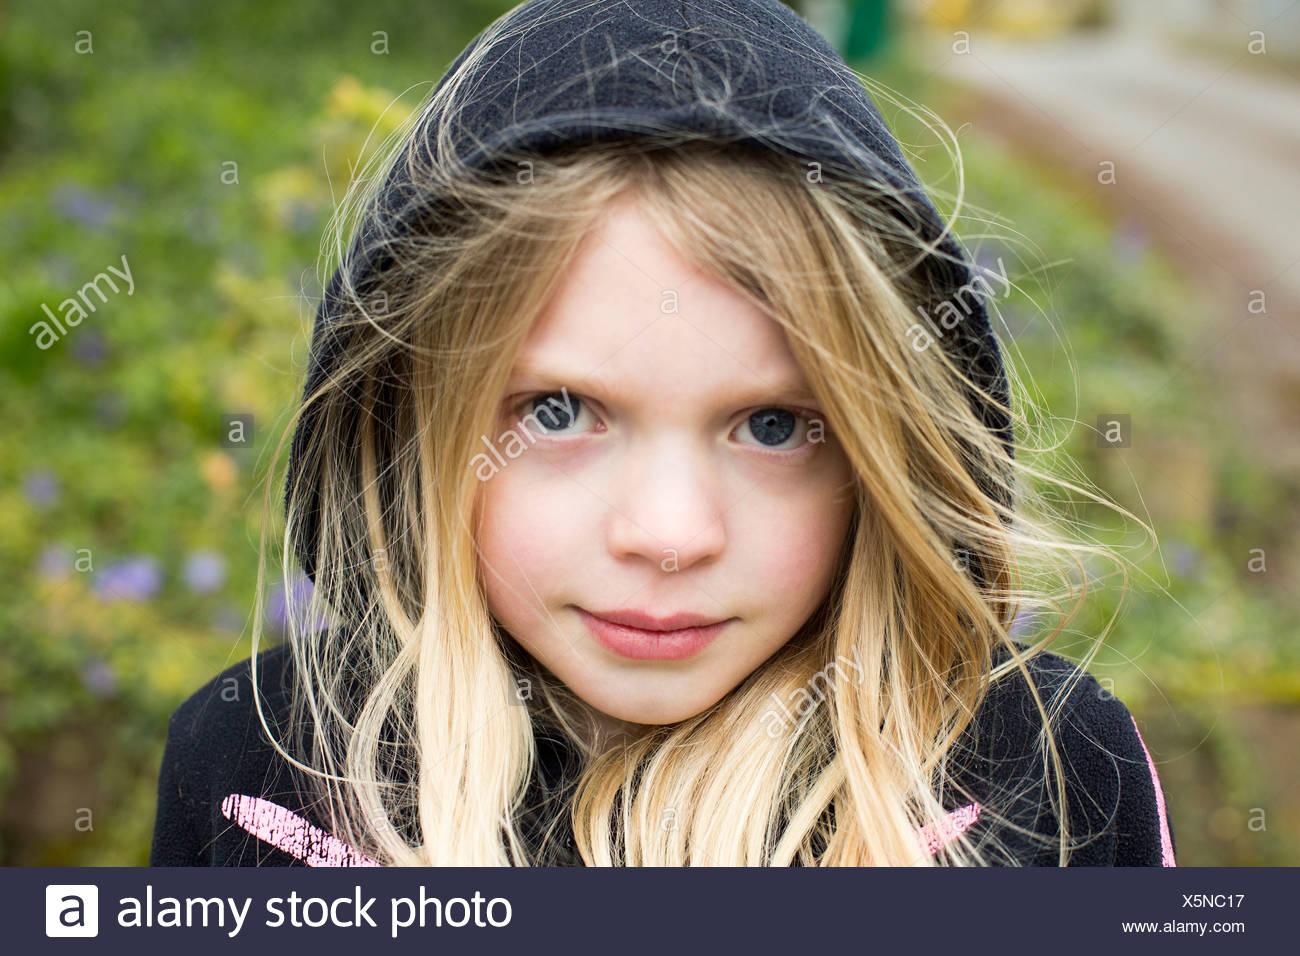 Portrait of girl wearing hood - Stock Image